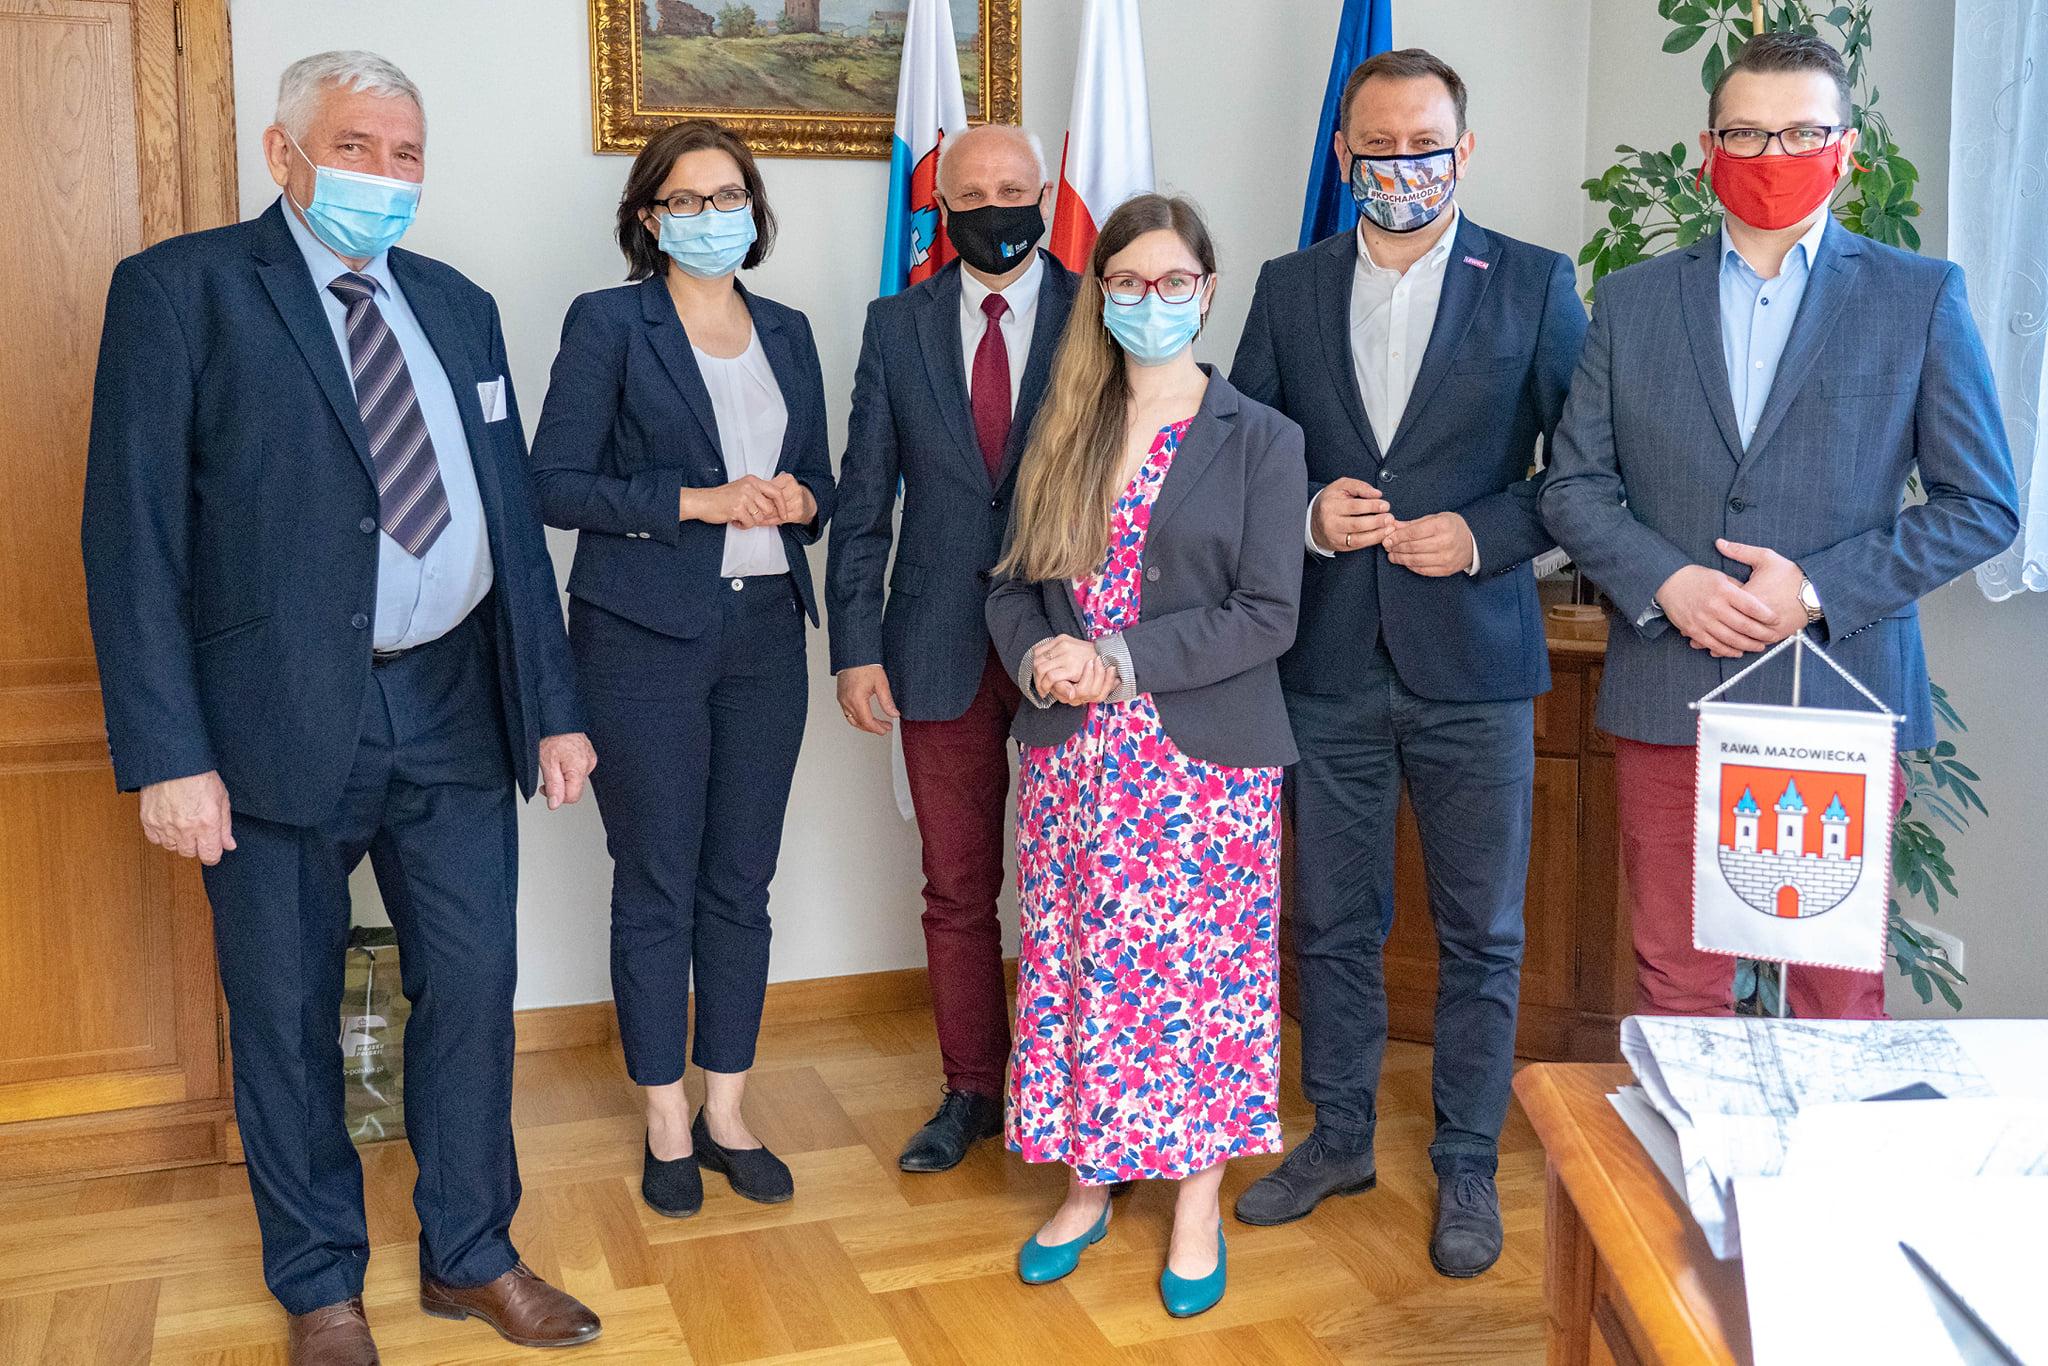 Fot. Urząd Miasta Rawa Mazowiecka